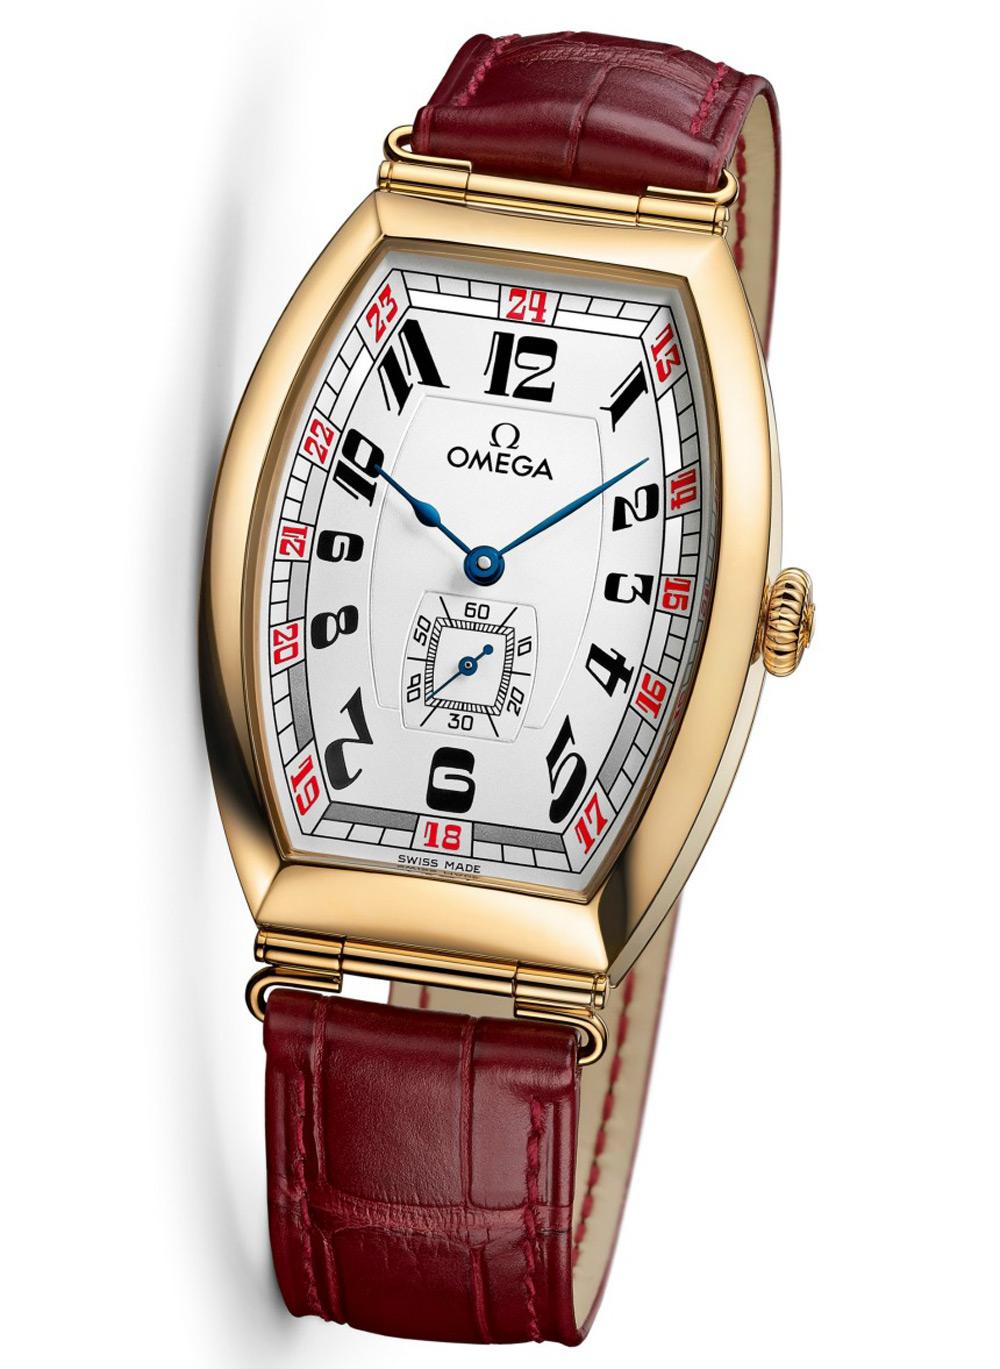 Omega выпустил часы в честь Олимпийских игр в Сочи 2014